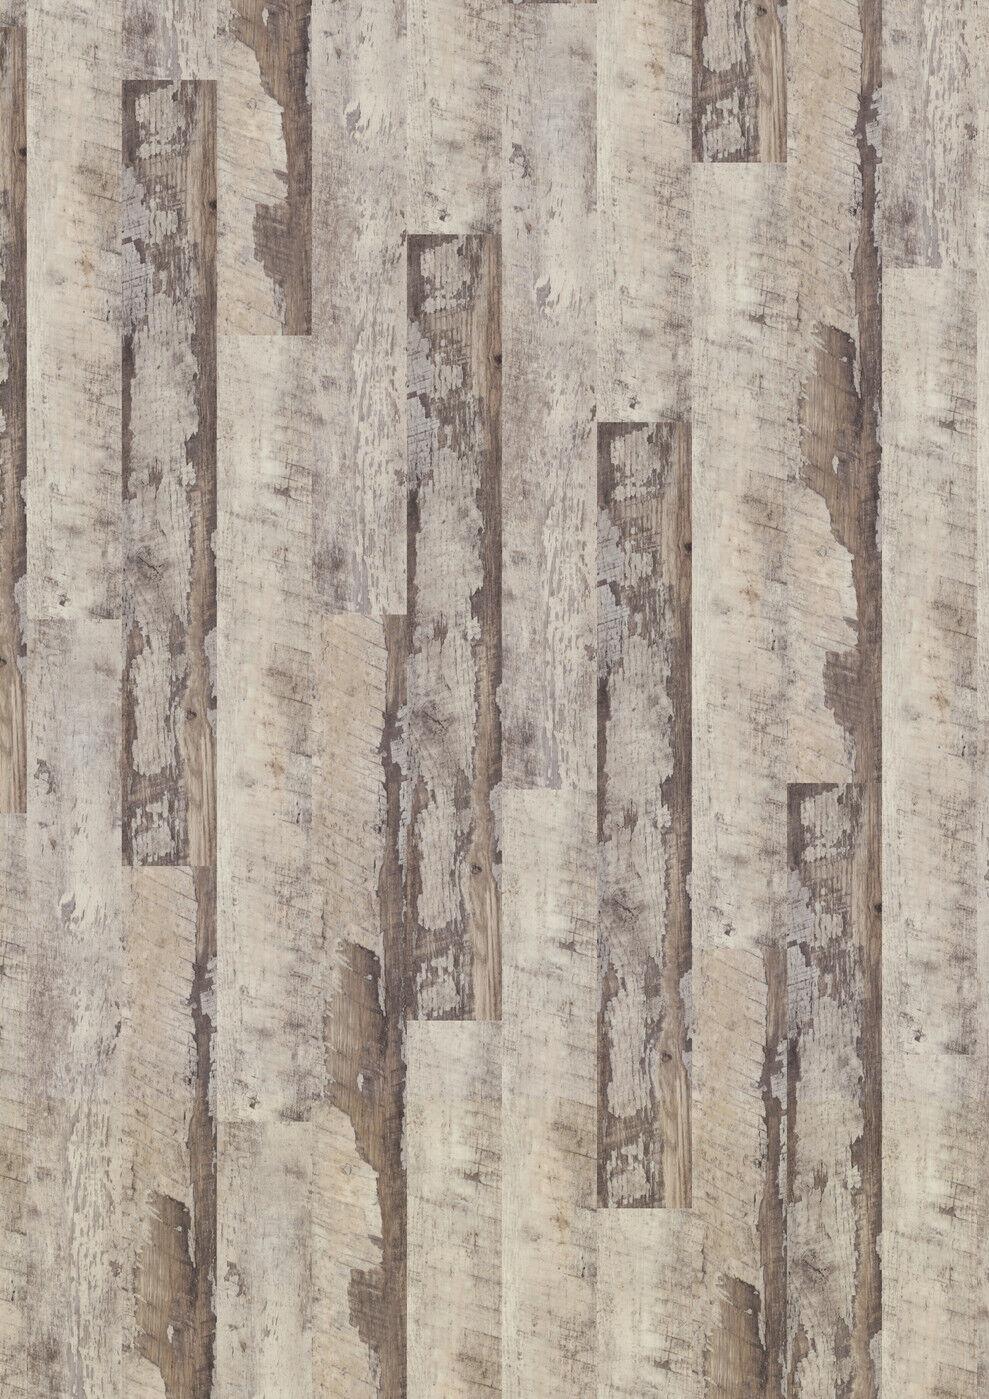 EXPONA Commercial Vinylboden / Designboden 4108 (Grau Barnwood) 0,55 er NS